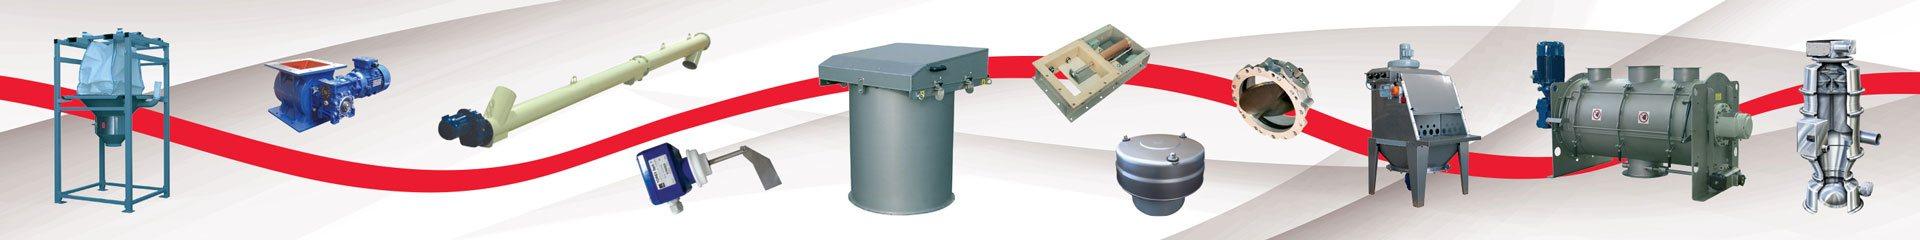 Mischtechnik und Schüttguttechnik Kaldewey